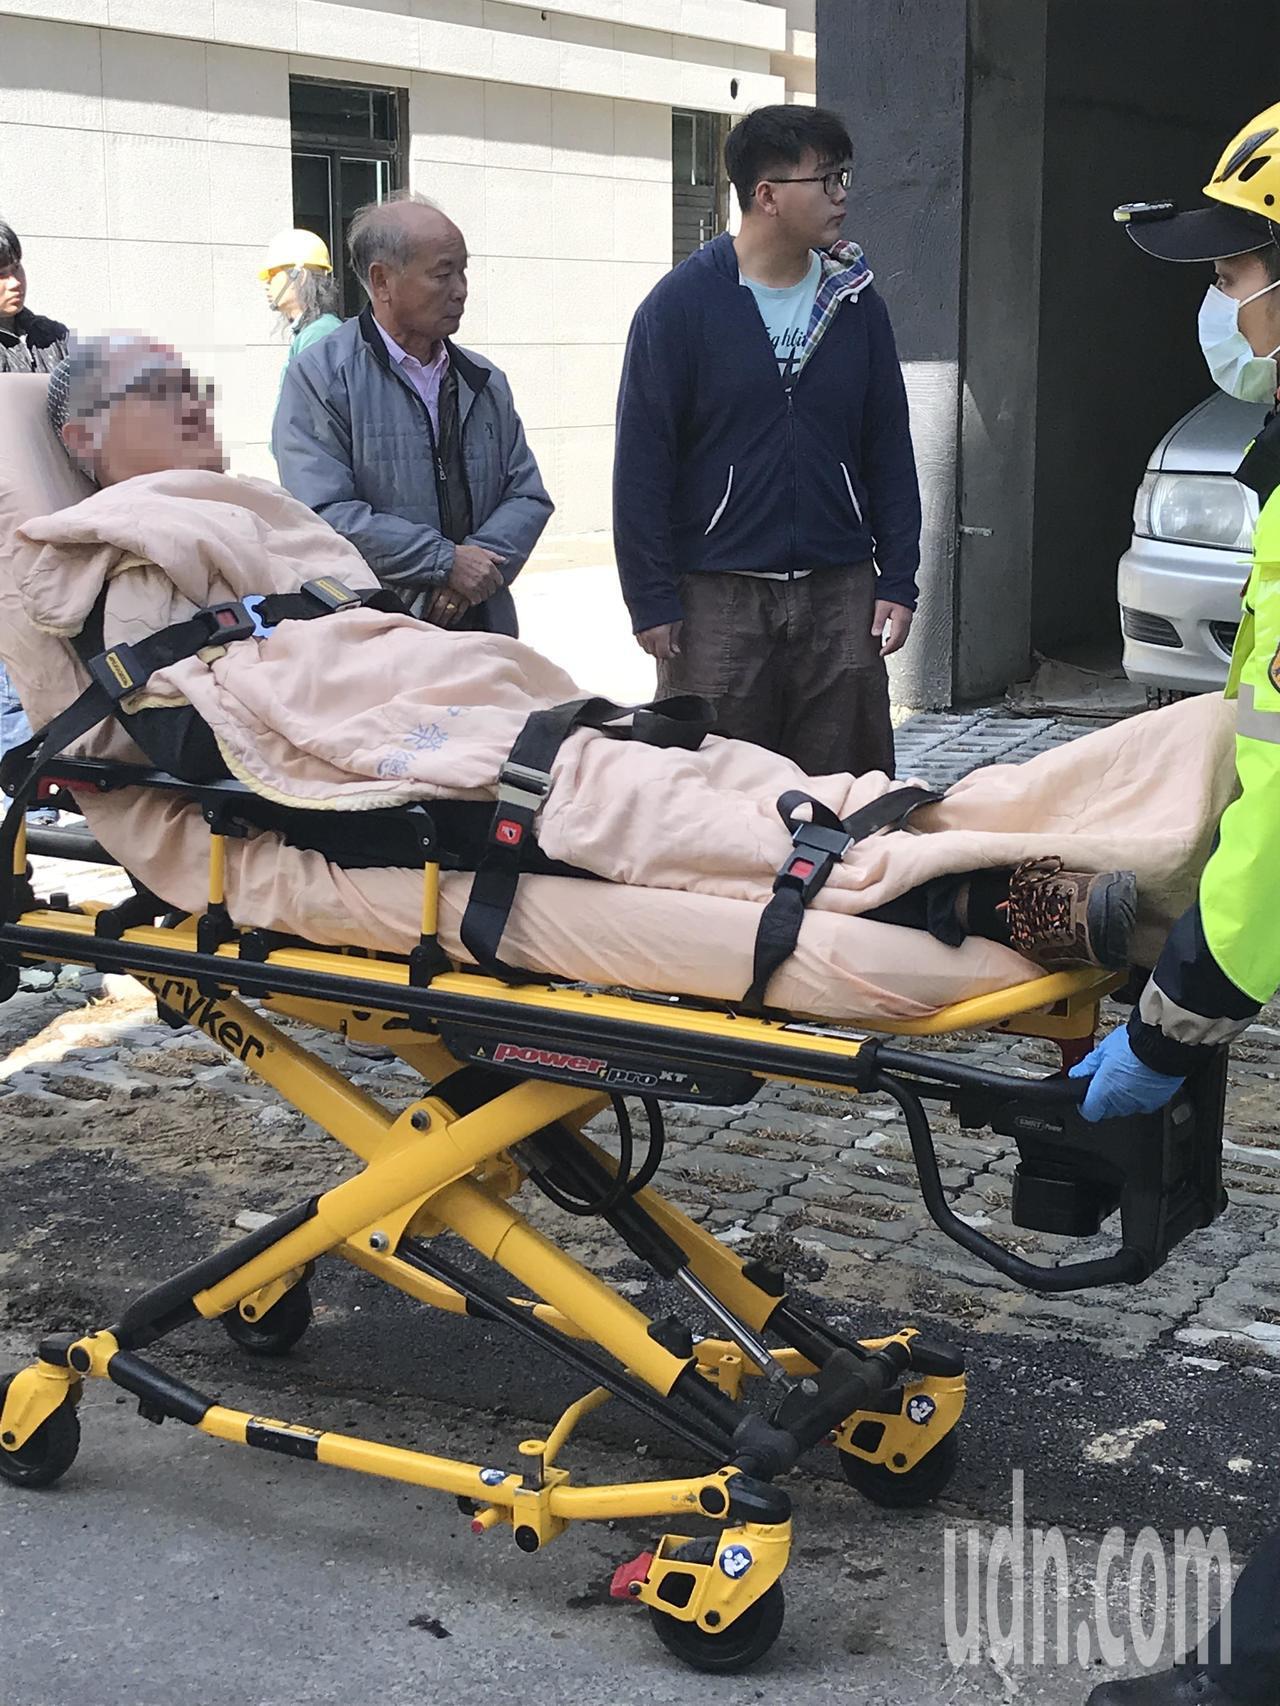 黃男頭部疑遭銳器劃傷,經救護員現場包紮後送醫。記者林佩均/攝影